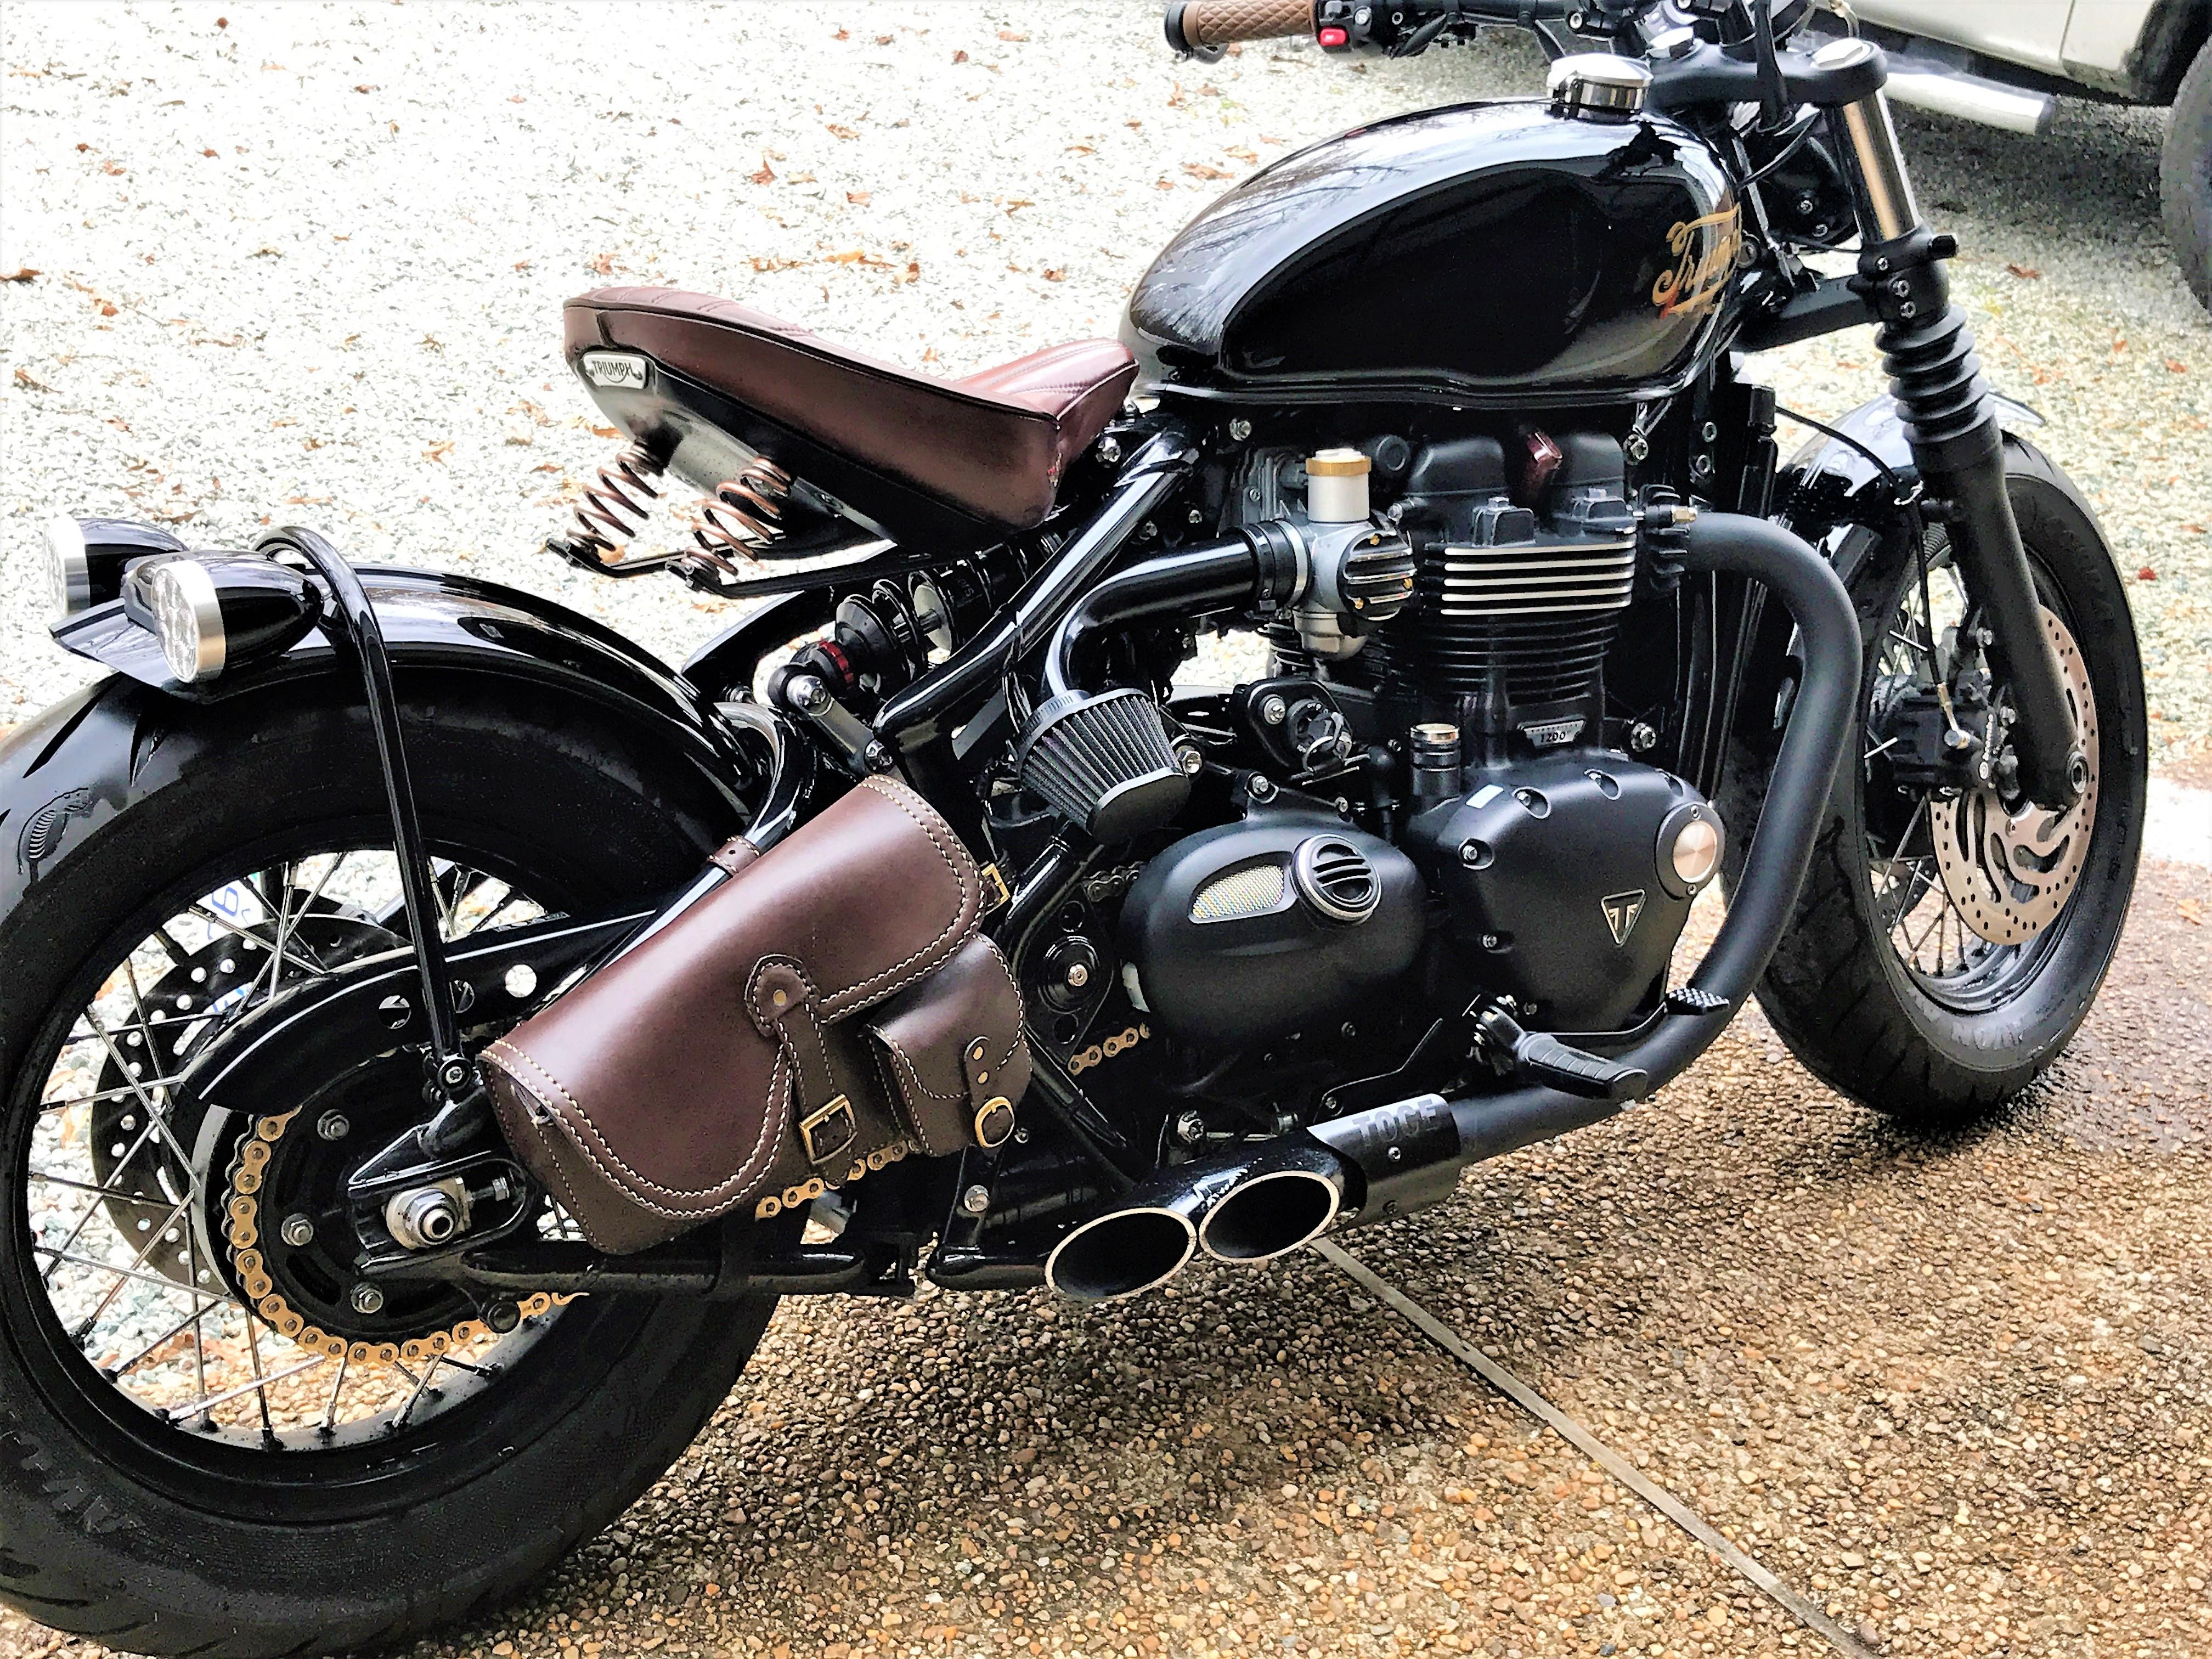 Watercooled Bike Pic's Thread: